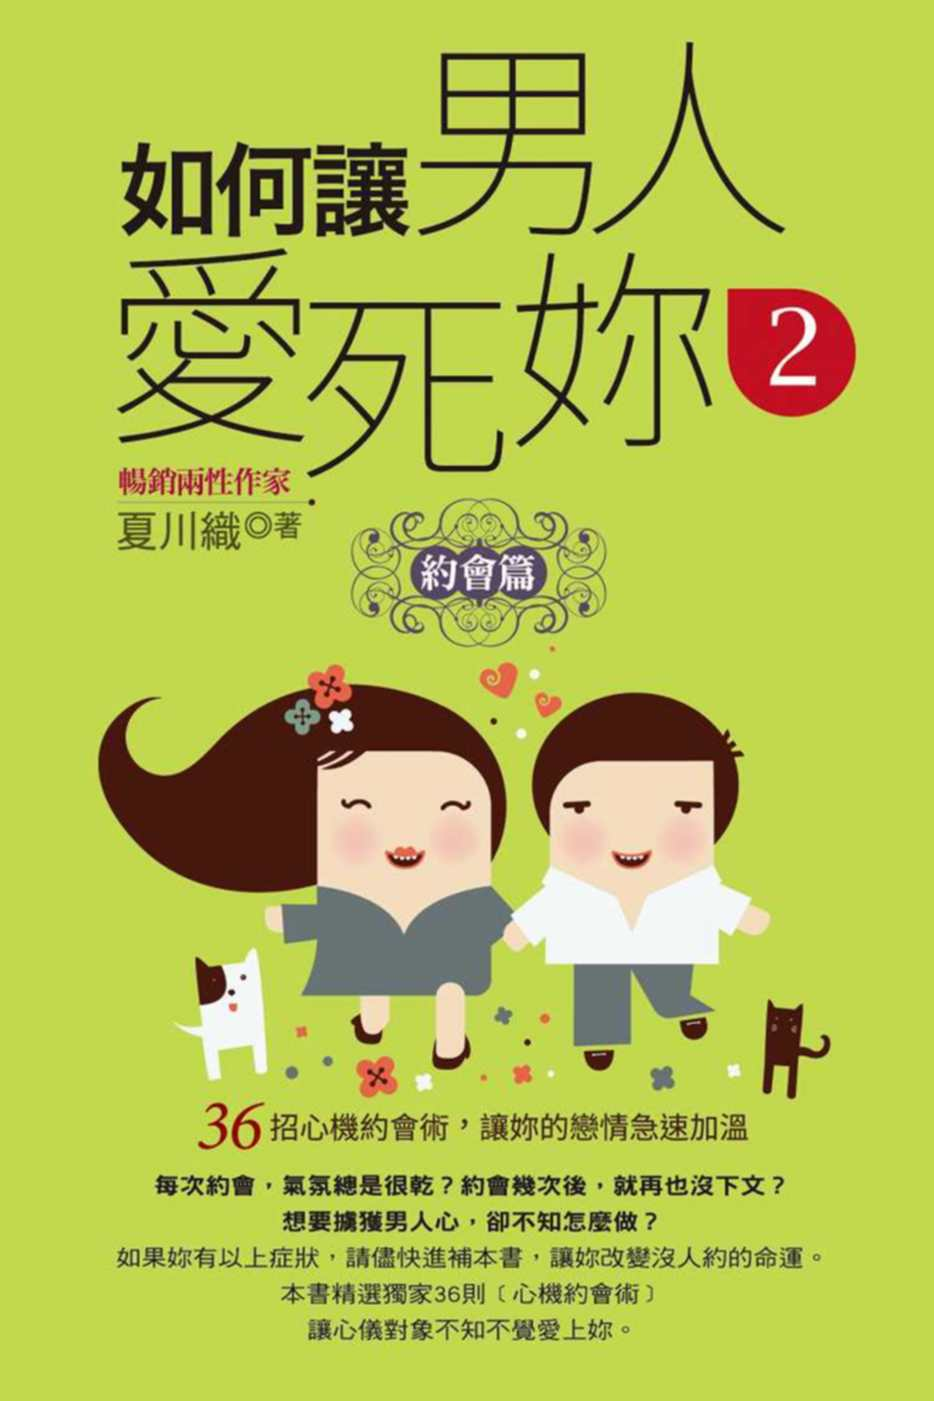 如何讓男人愛死妳(2)約會篇(口袋書):36招心機約會術,讓妳的戀情急速加溫